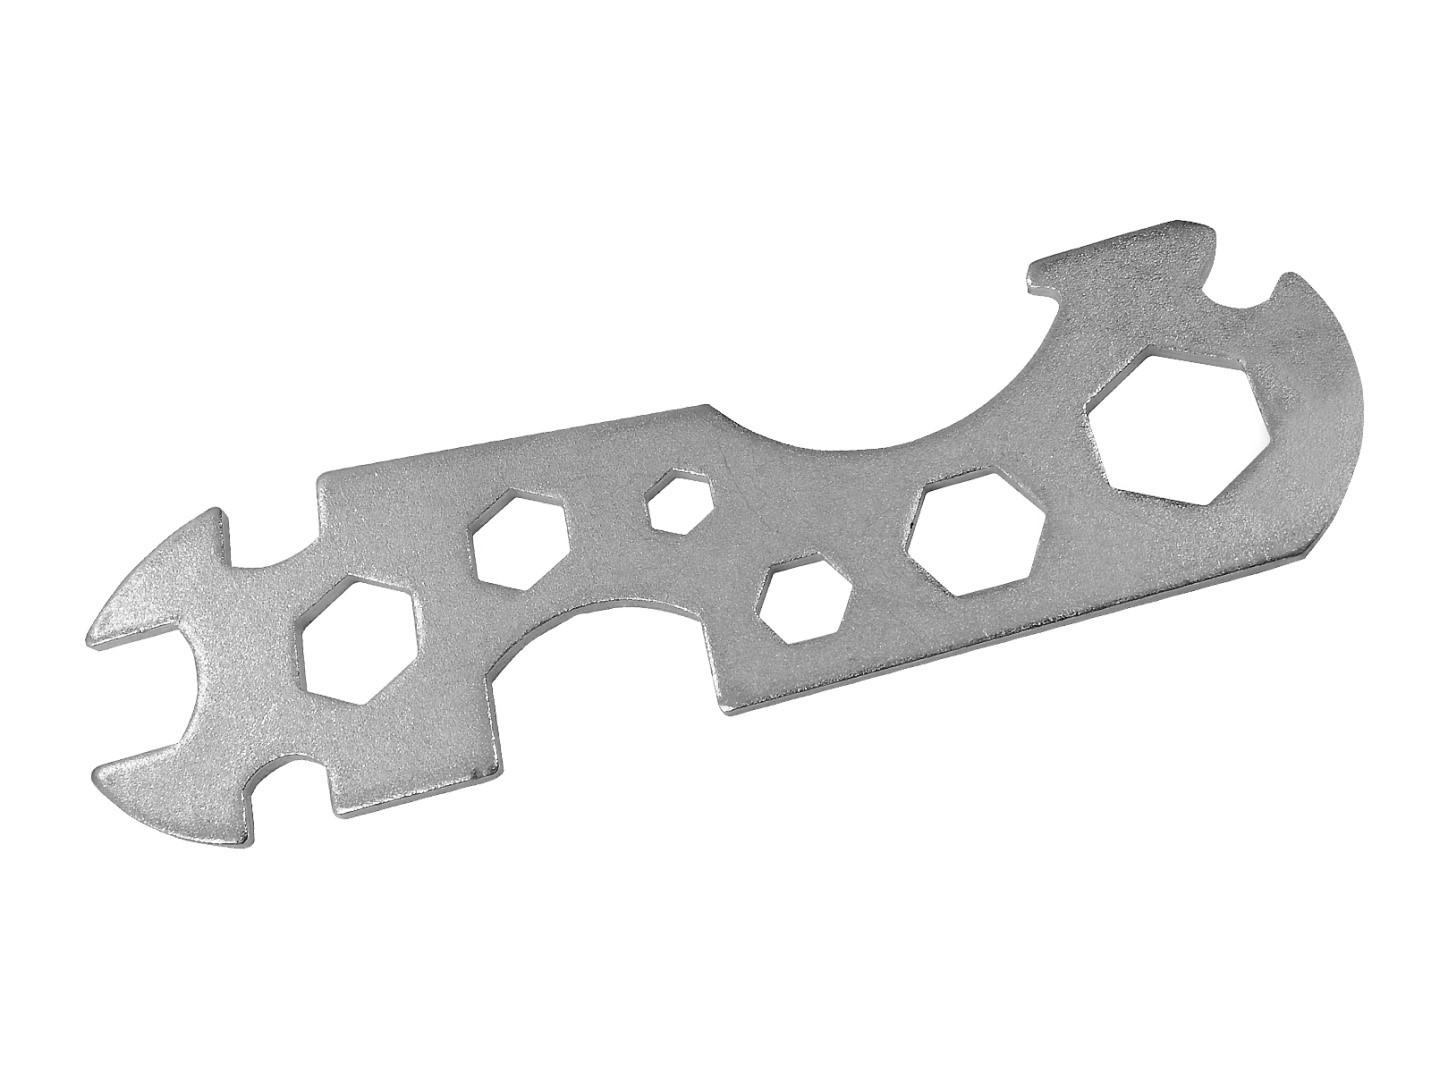 Разновидности гаечных ключей: какой использовать для каждого из крепежных элементов